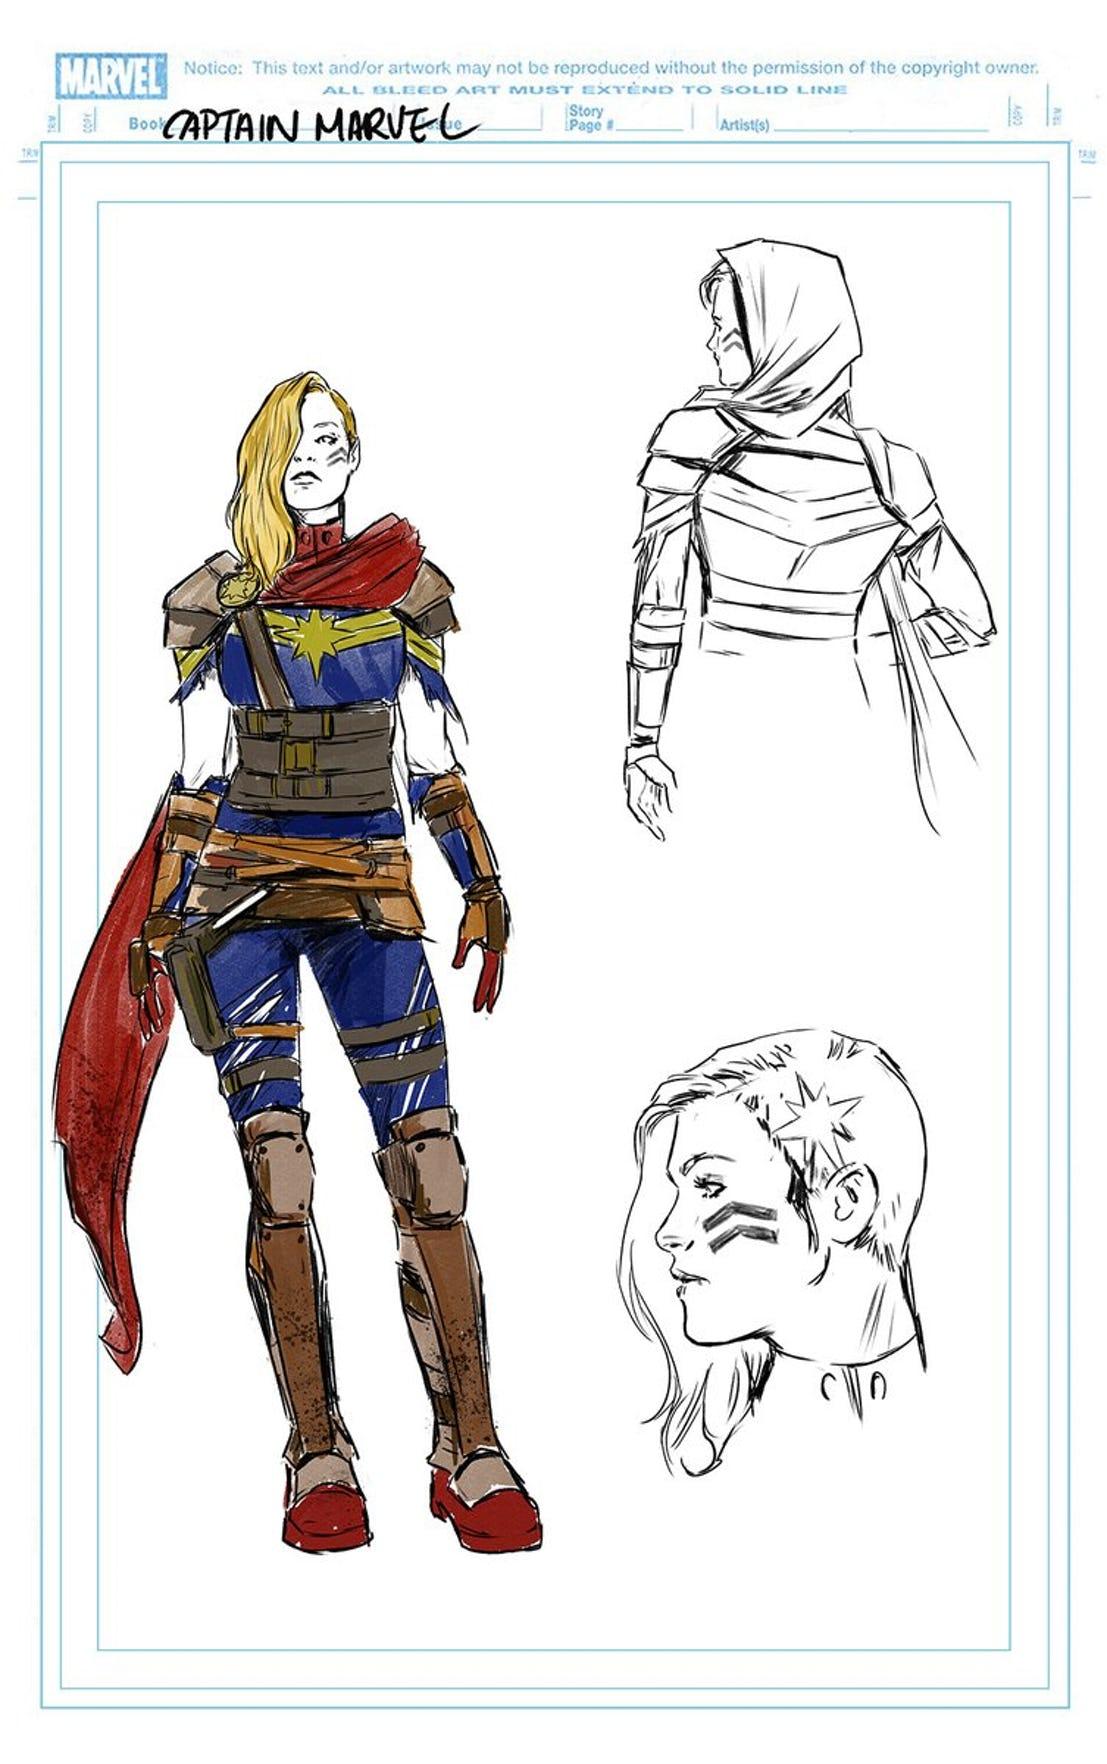 Carmen Carnero's costume designs